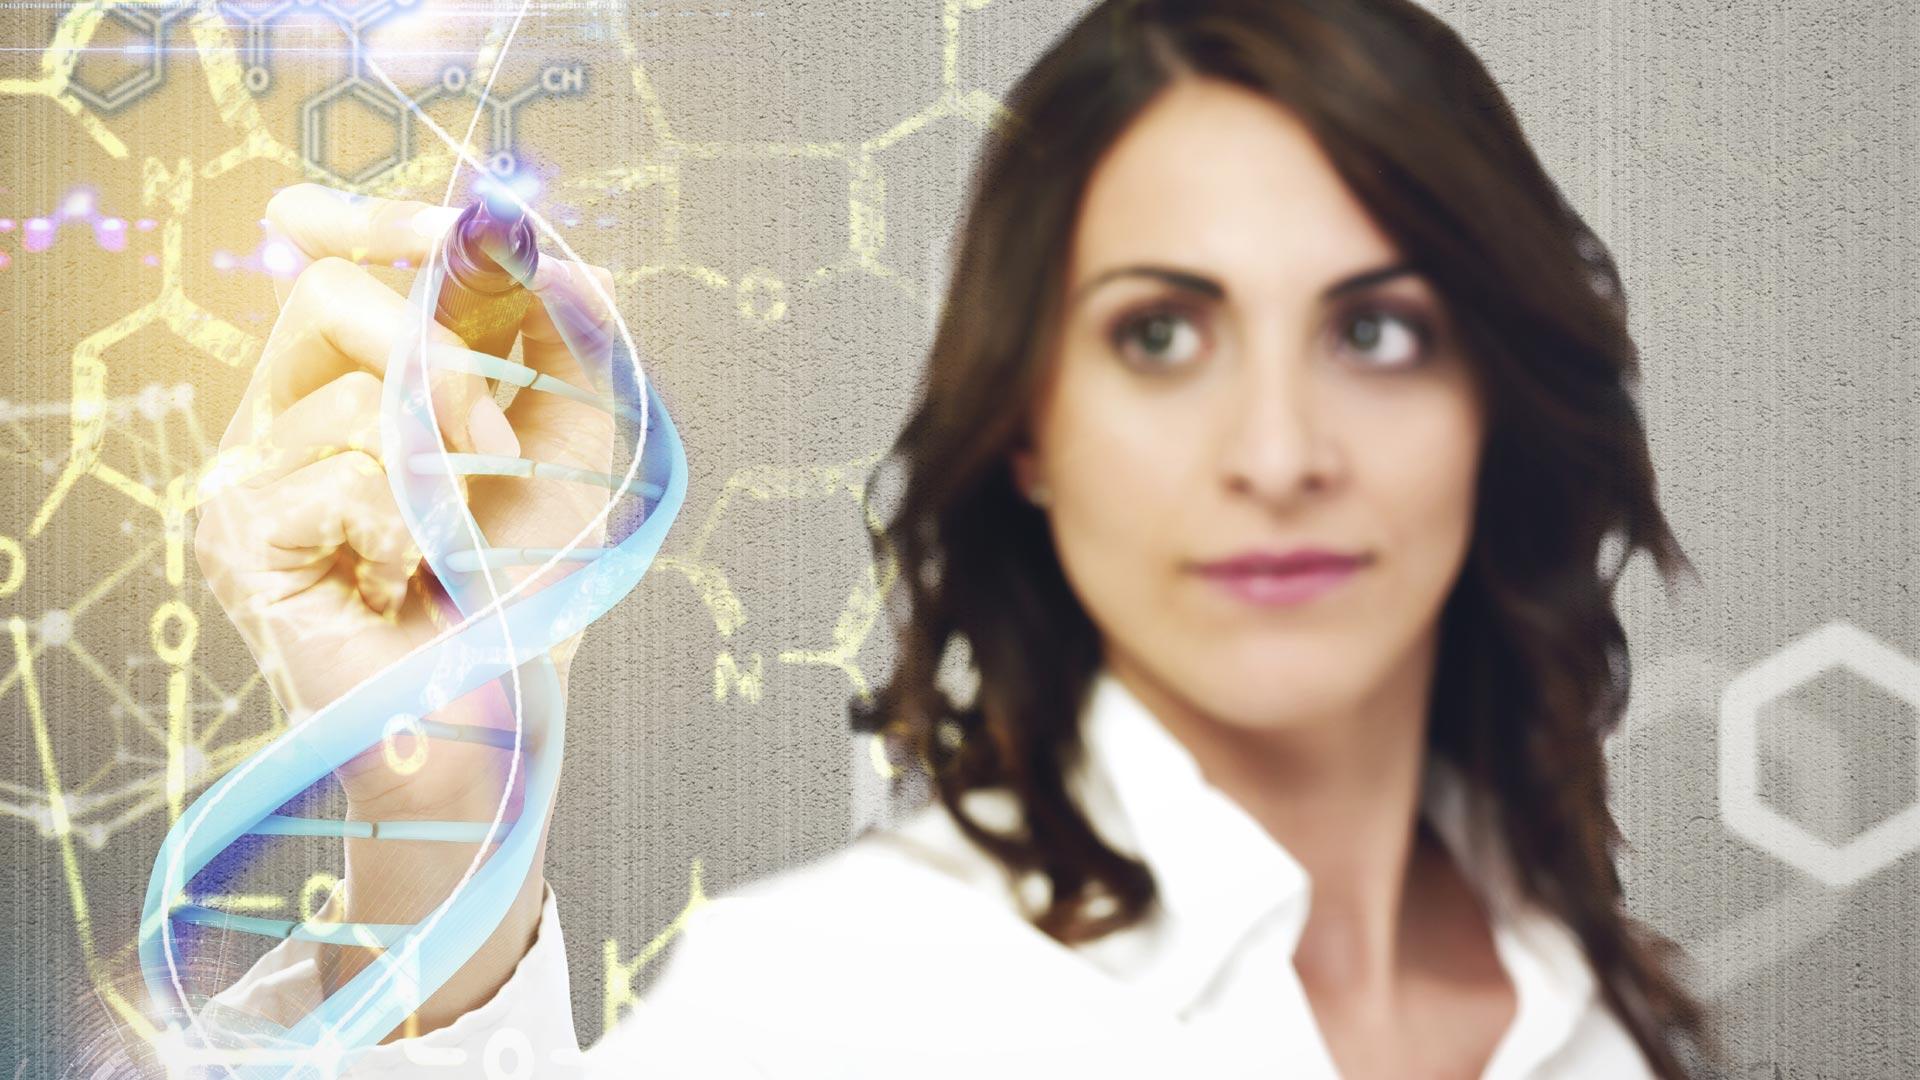 Actualmente el genoma humano se combina con la reproducción asistida y biología molecular para prevenir enfermedades